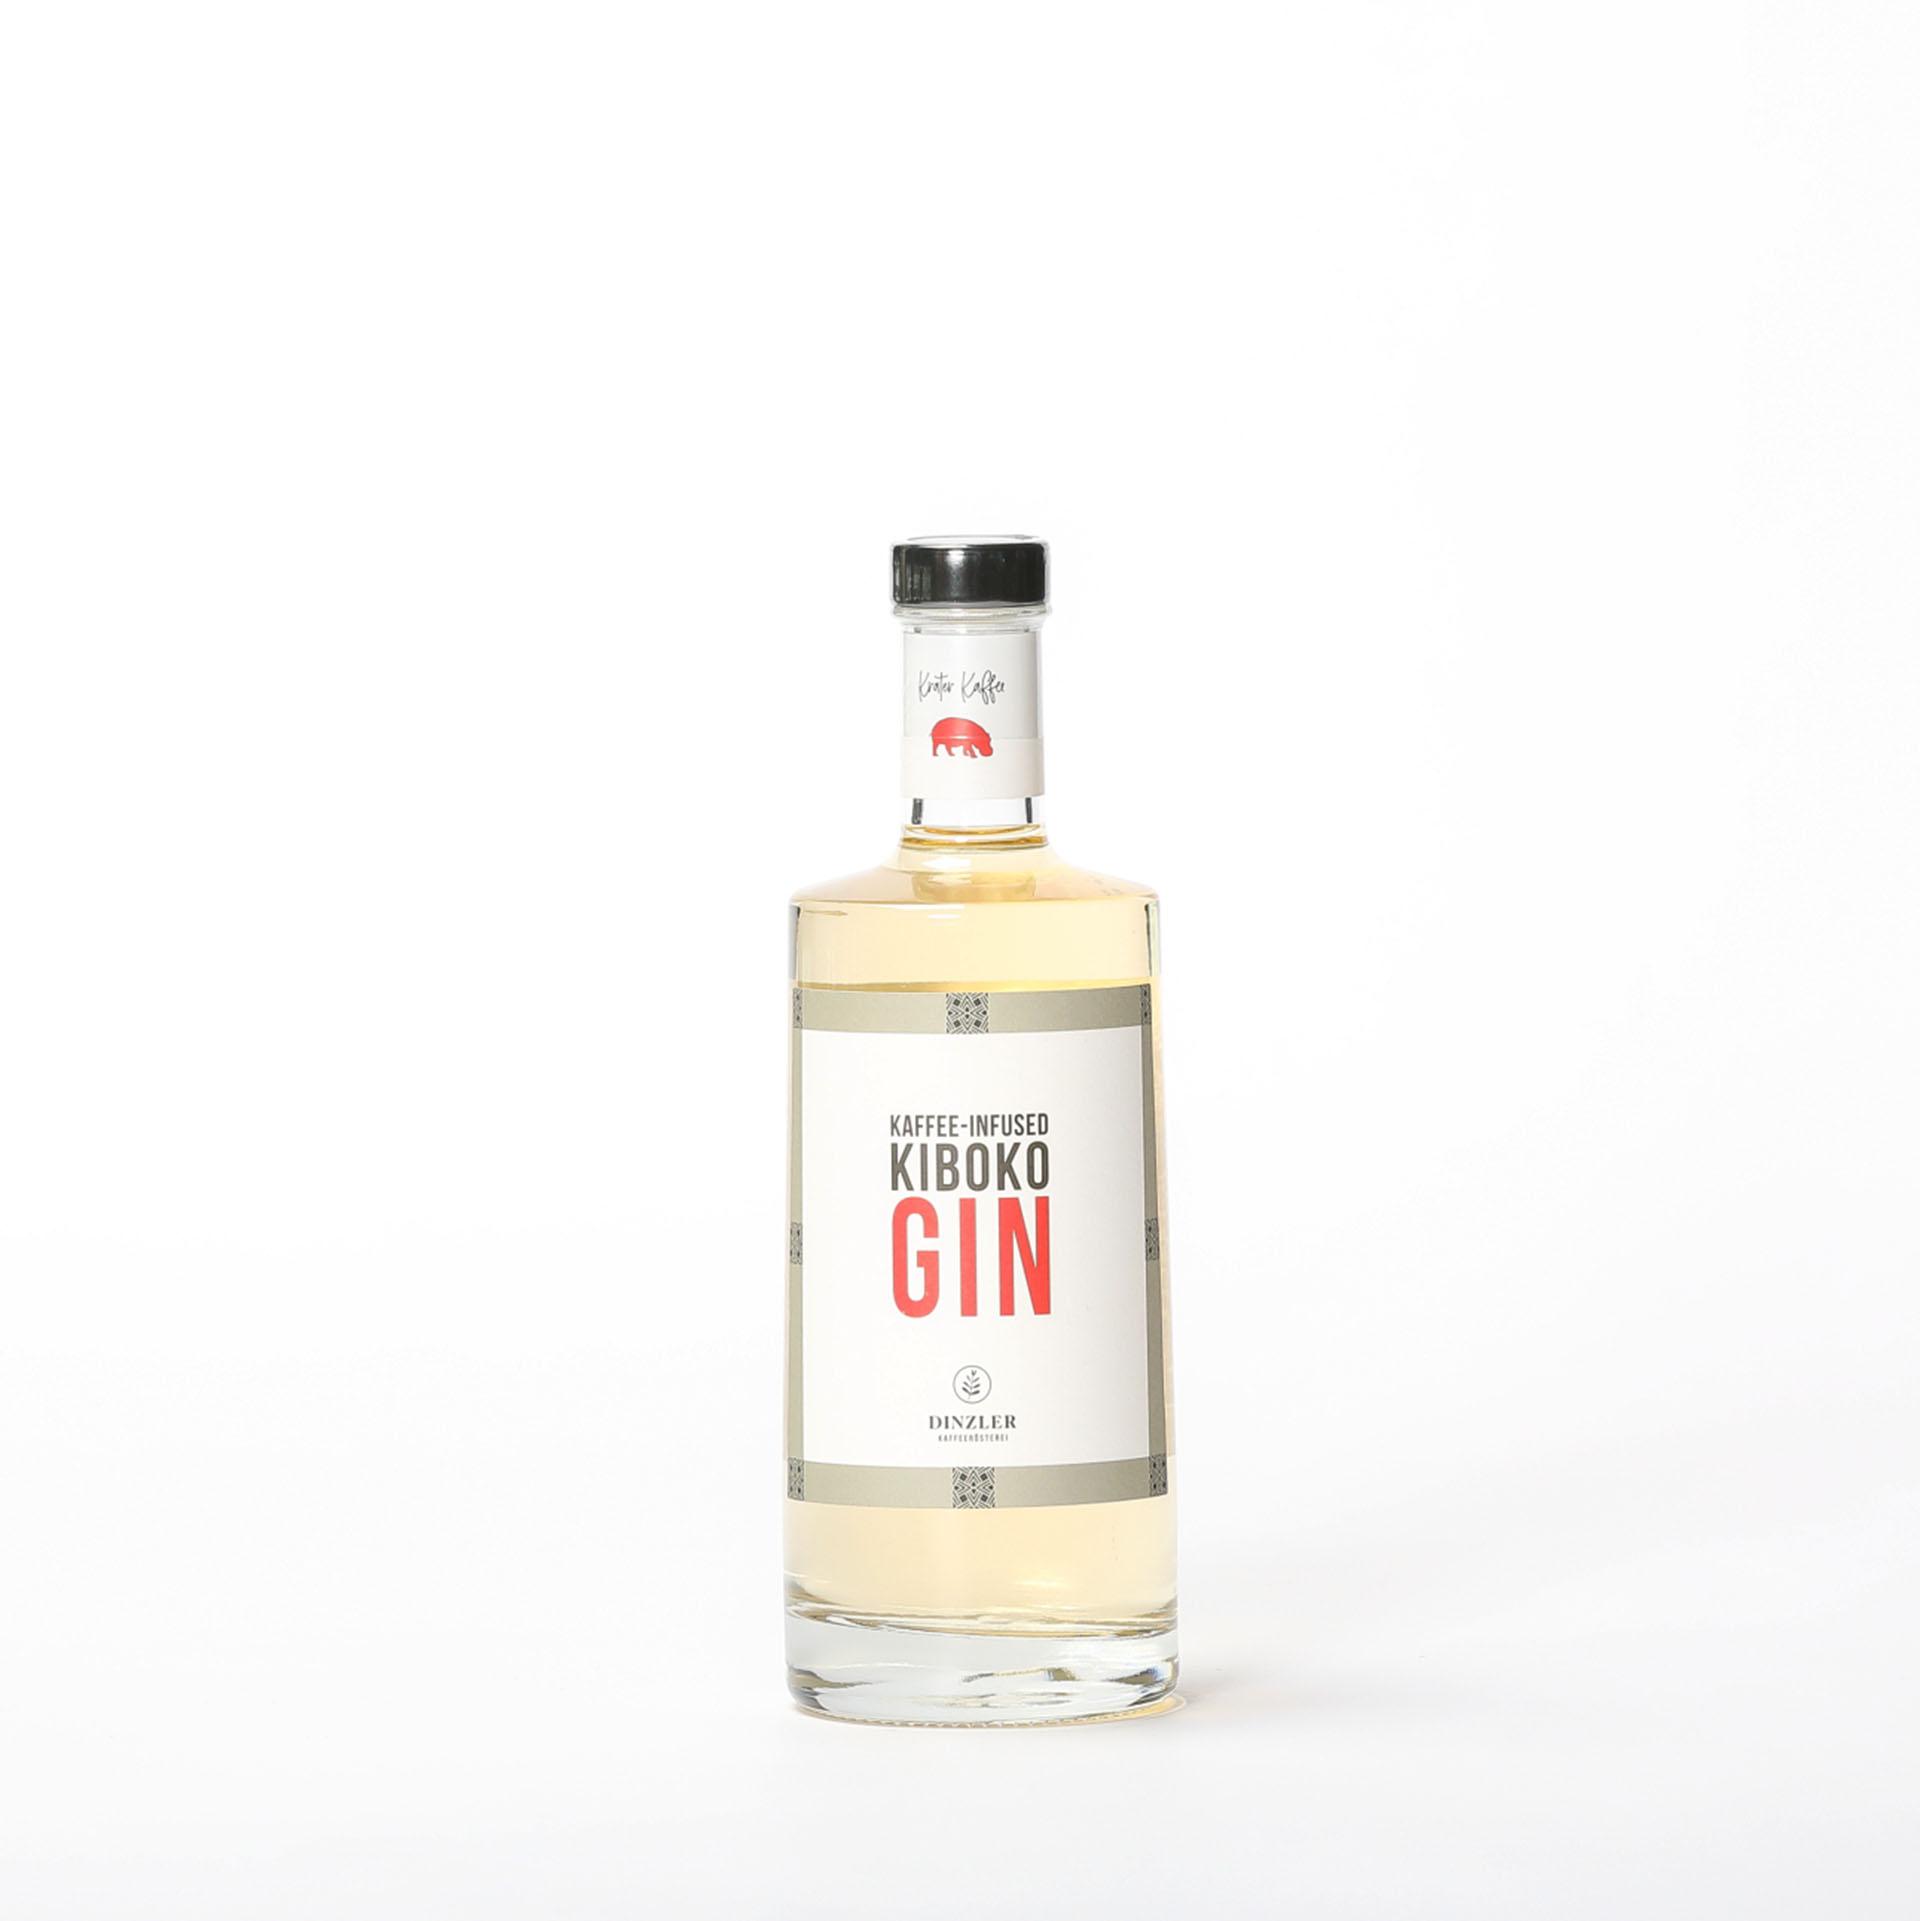 Produktbild DINZLER Kiboko Gin| DINZLER Kaffeerösterei